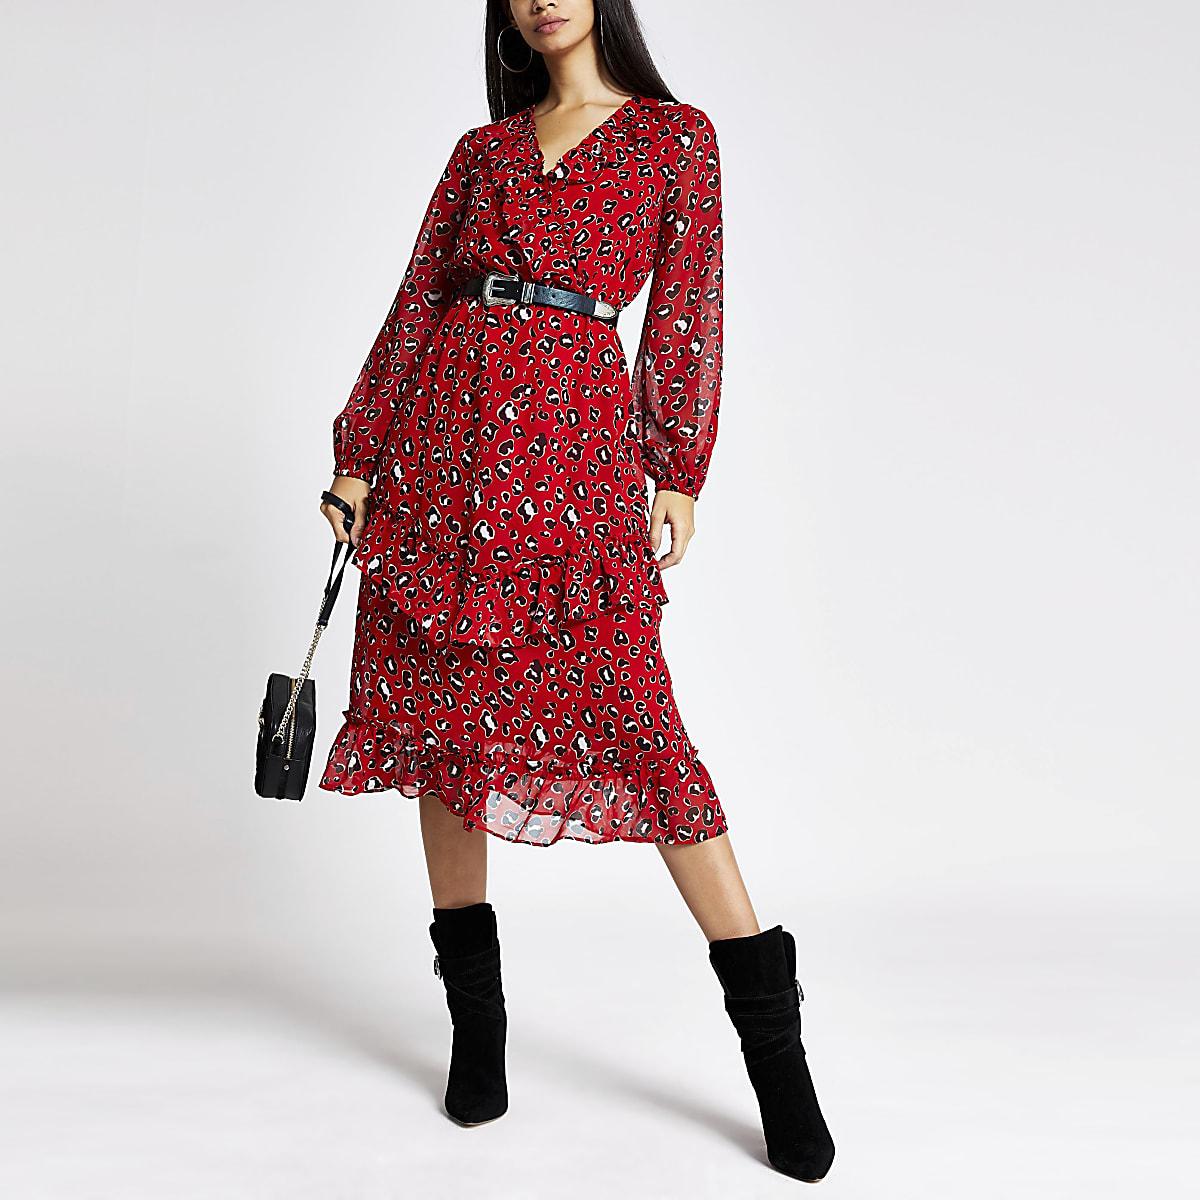 Red leopard print frill wrap dress